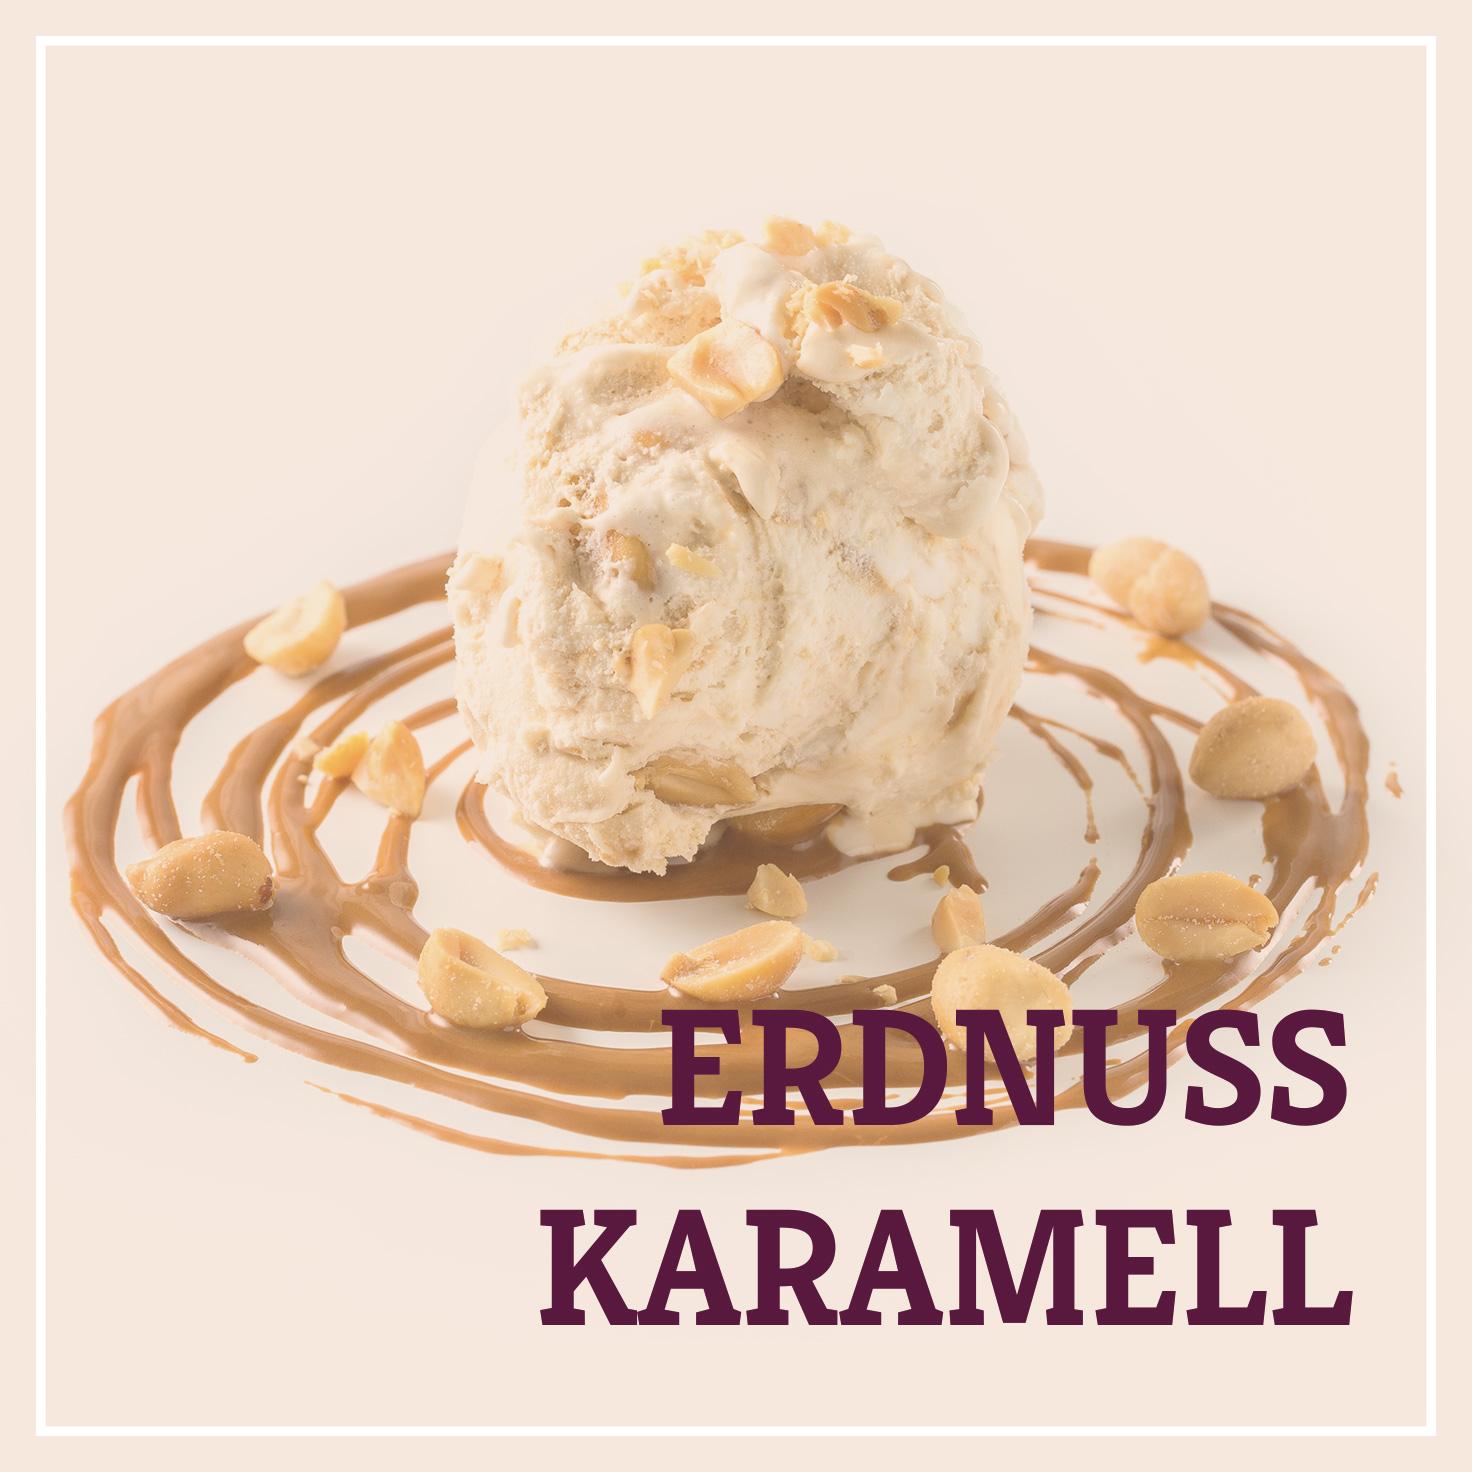 Heiss & Süß - Erdnuss-Karamell